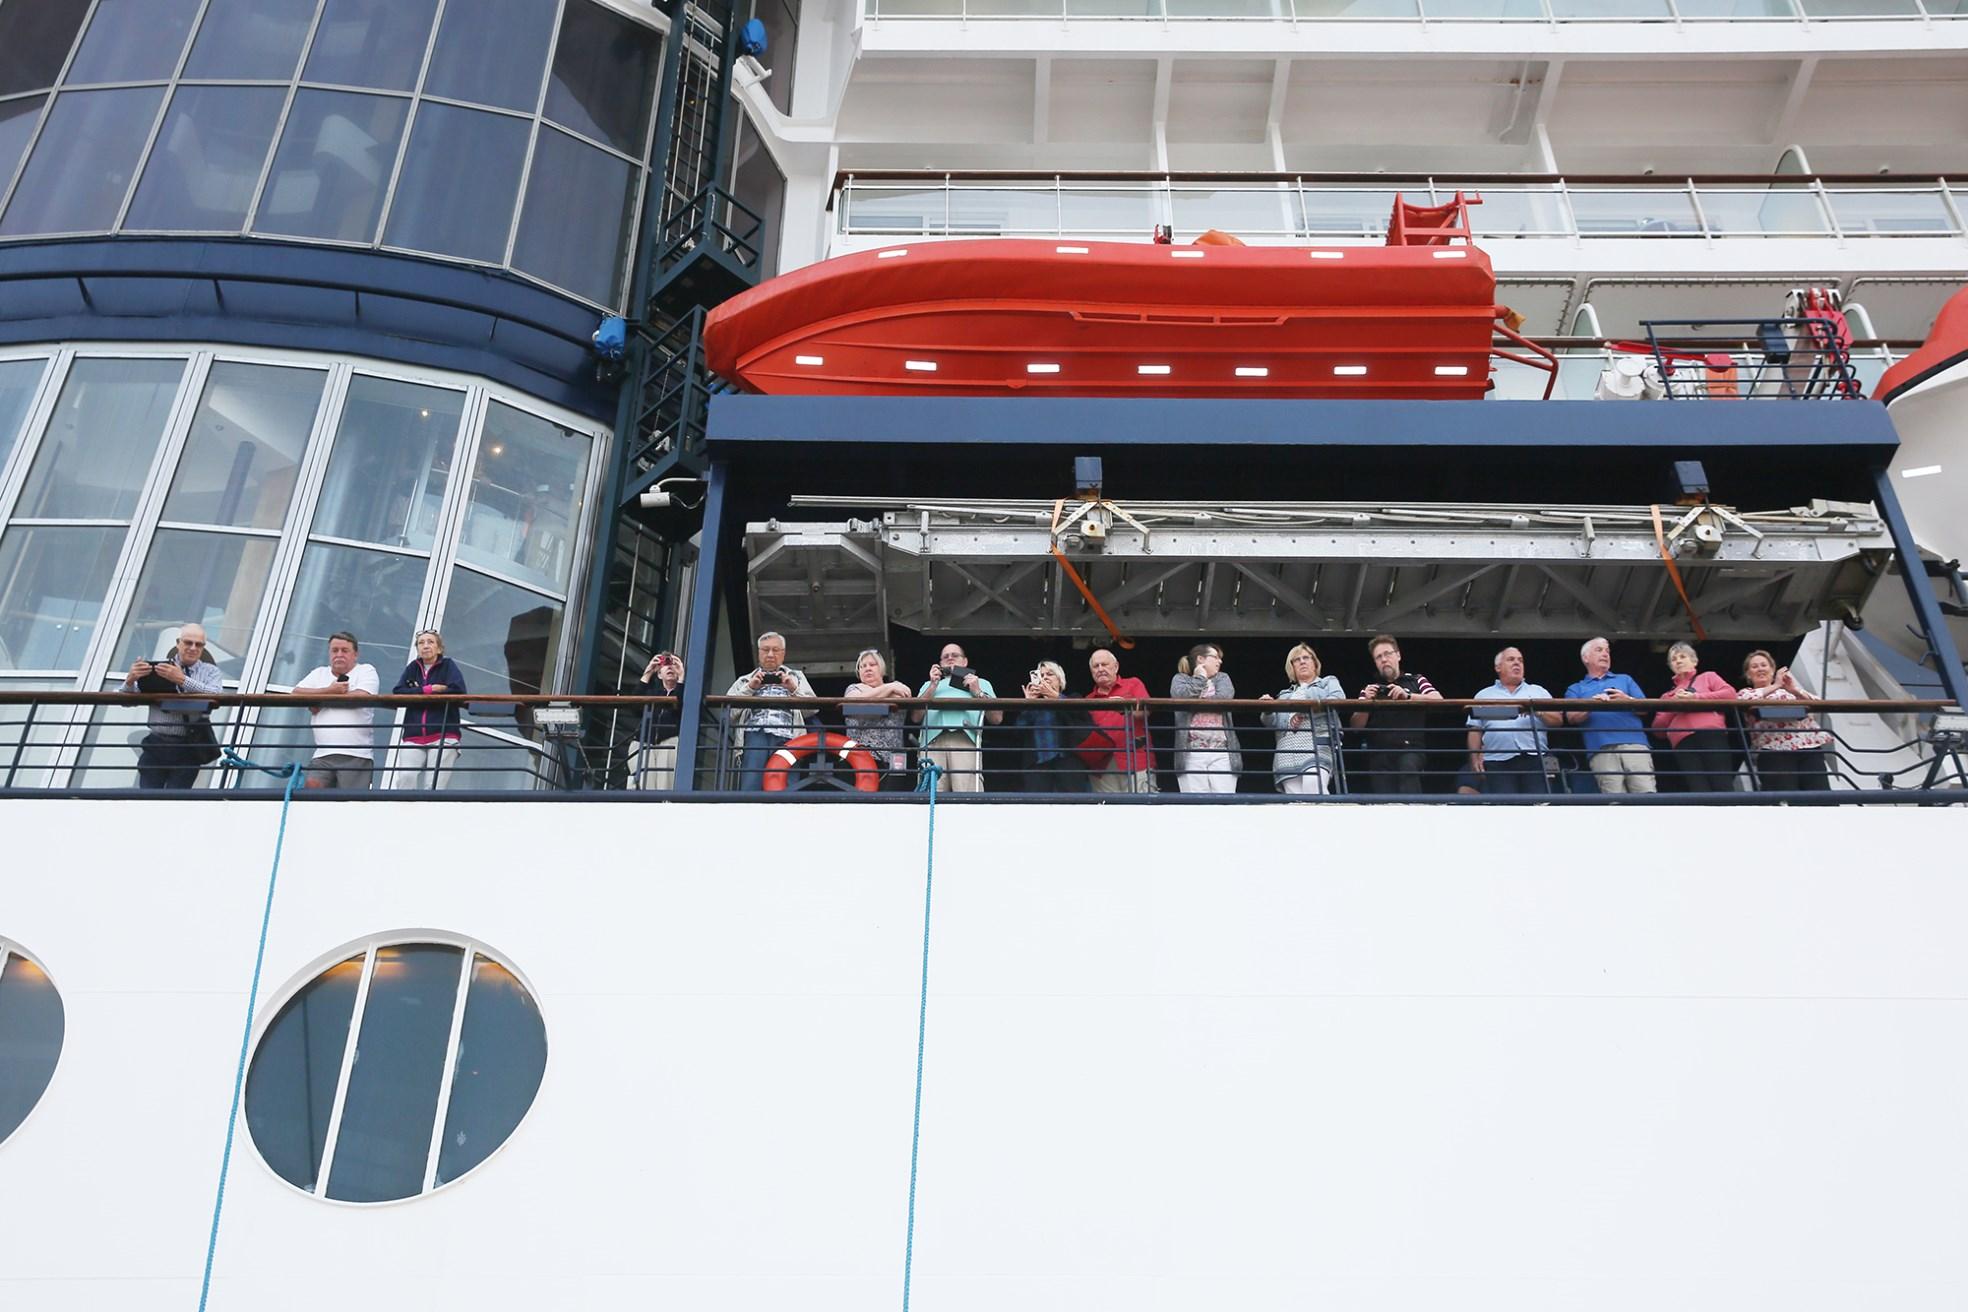 Cảng hành khách du lịch quốc tế Hạ Long đón chuyến tàu 5 sao đầu tiên - Ảnh 1